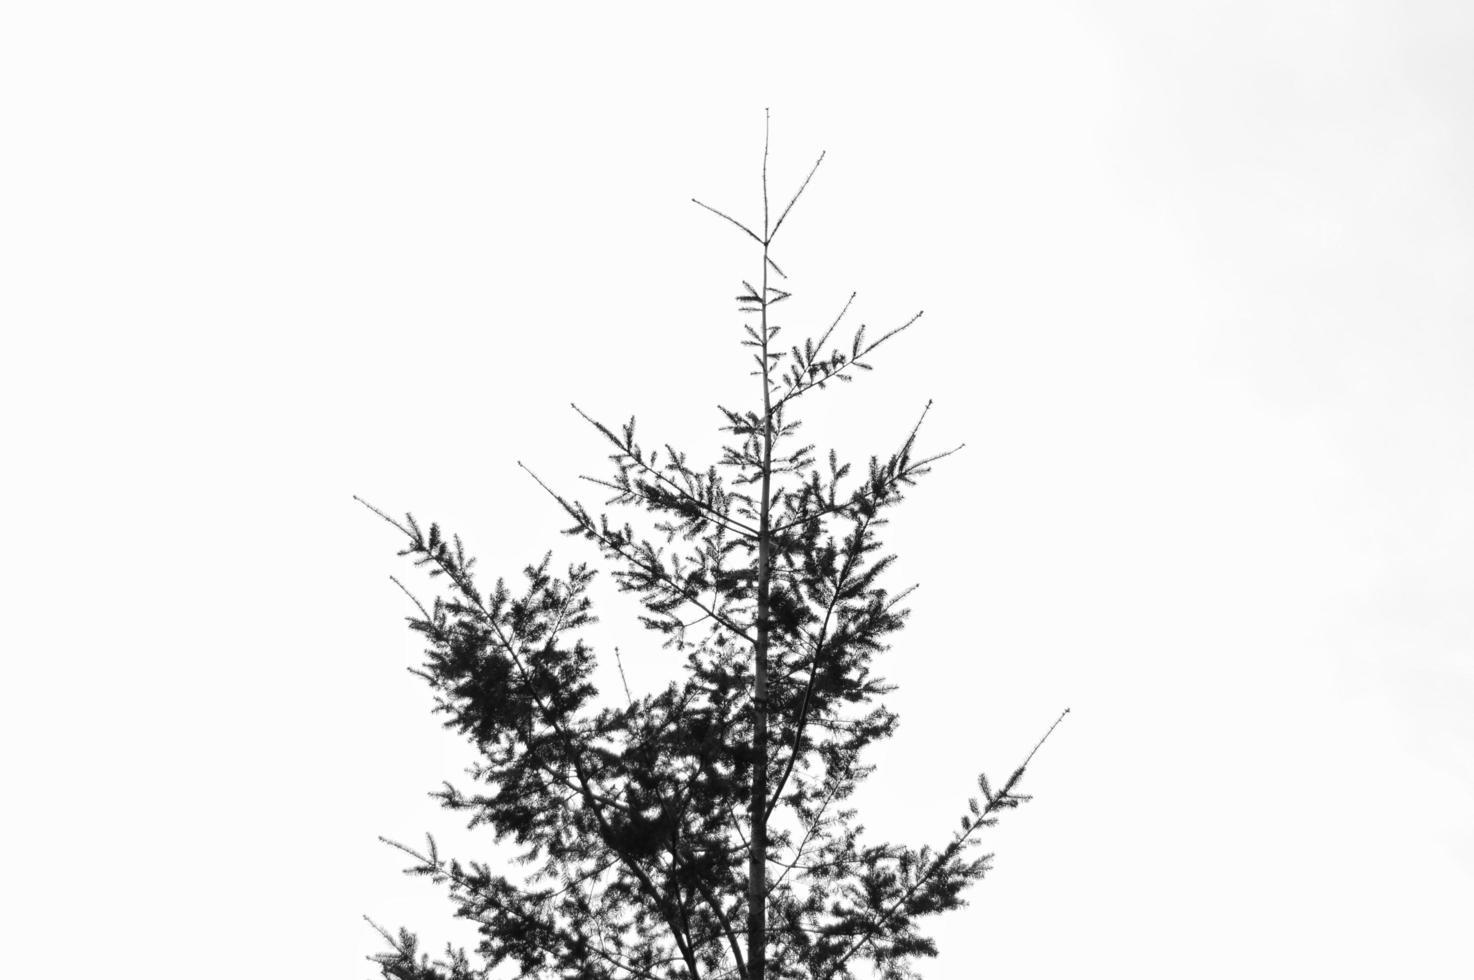 albero sempreverde in bianco e nero foto